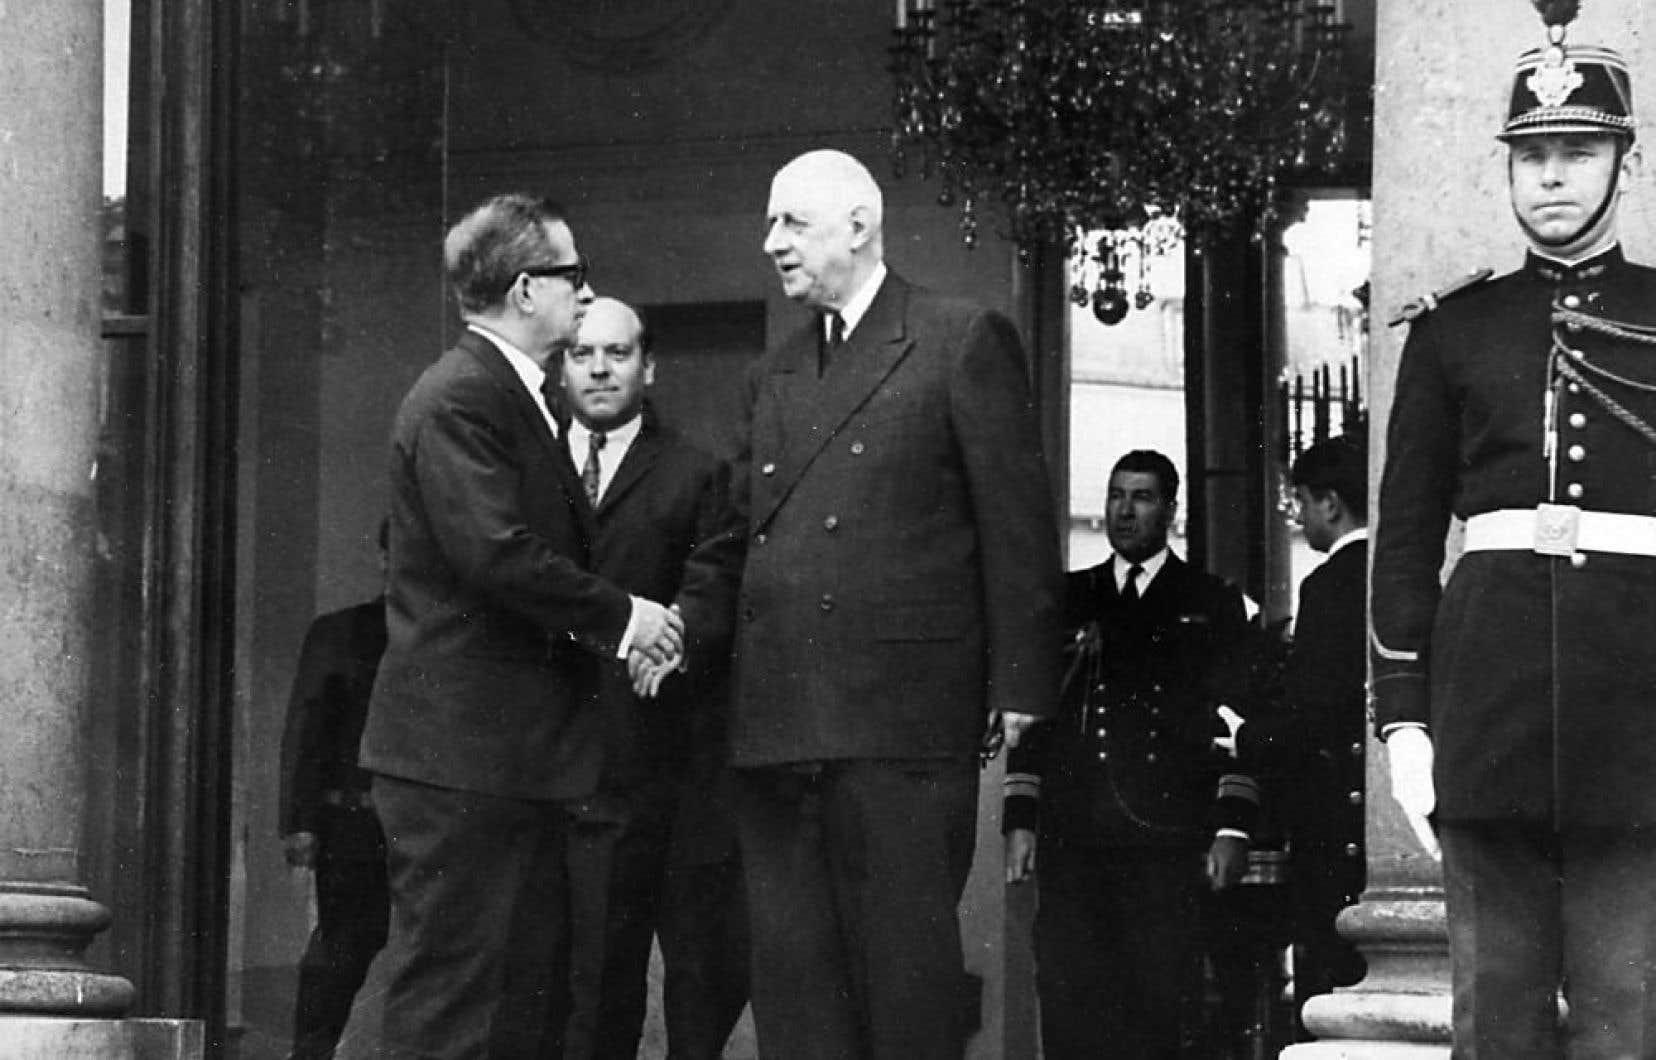 Le général de Gaulle serre la main du premier ministre du Québec de l'époque, Daniel Johnson.